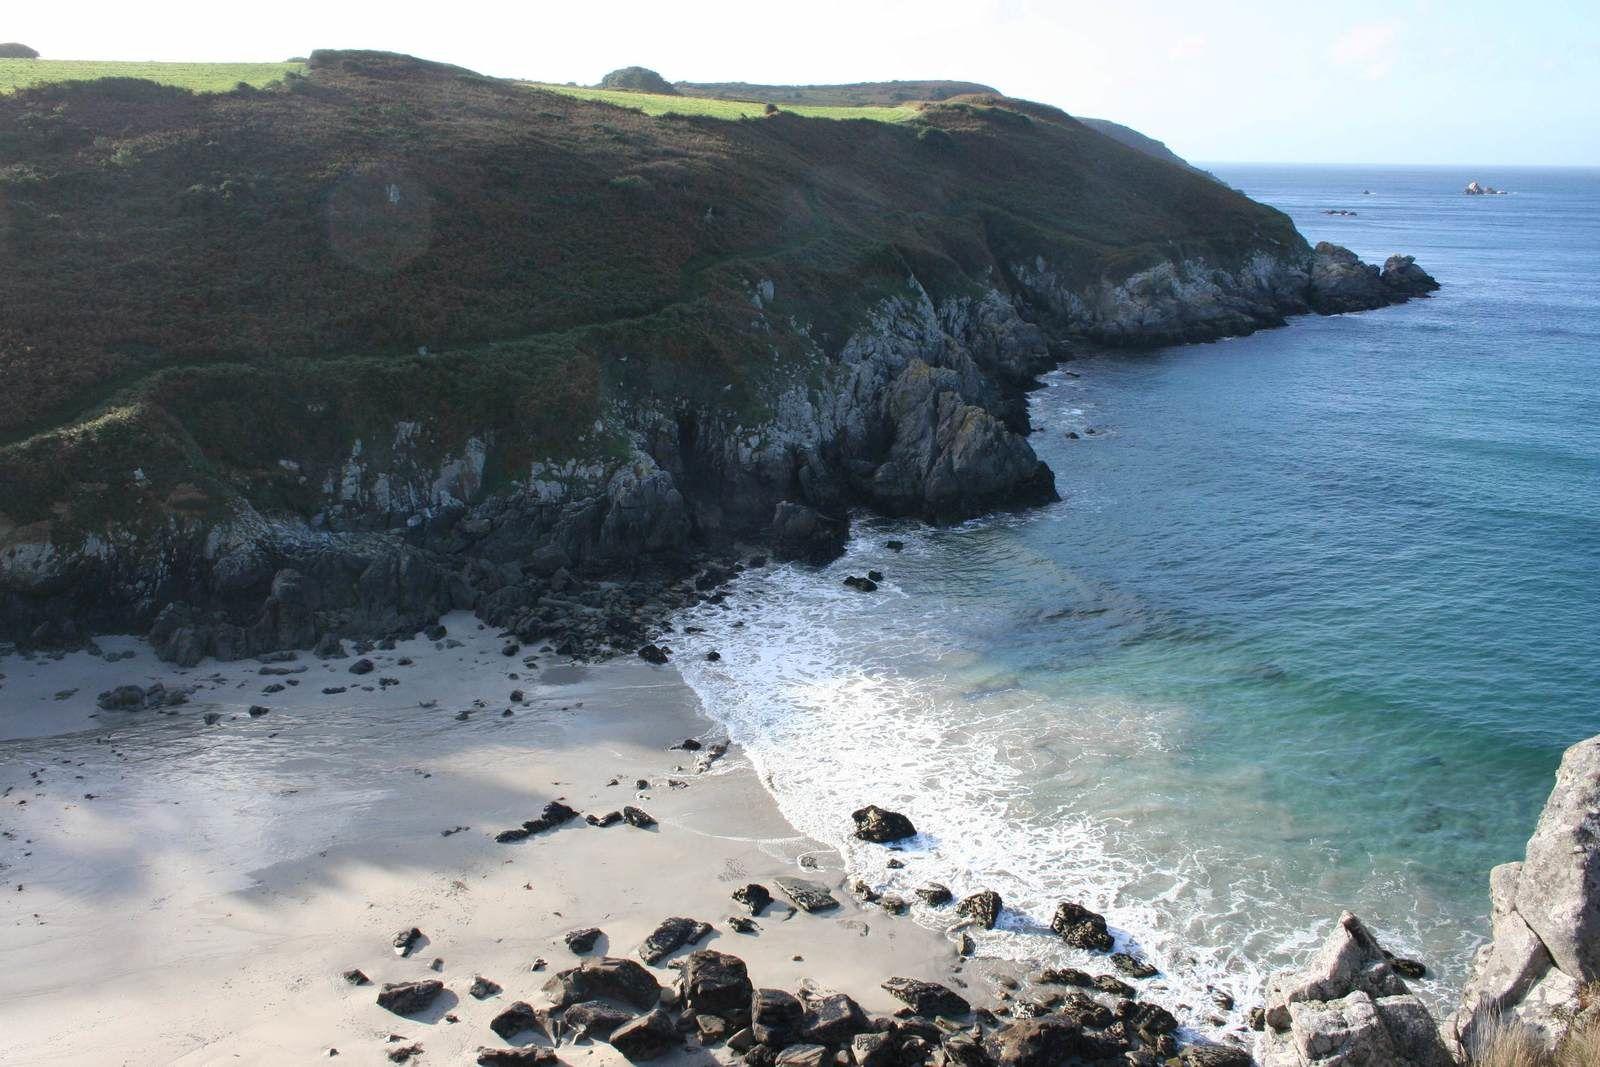 Le sable de la plage et ses rochers...